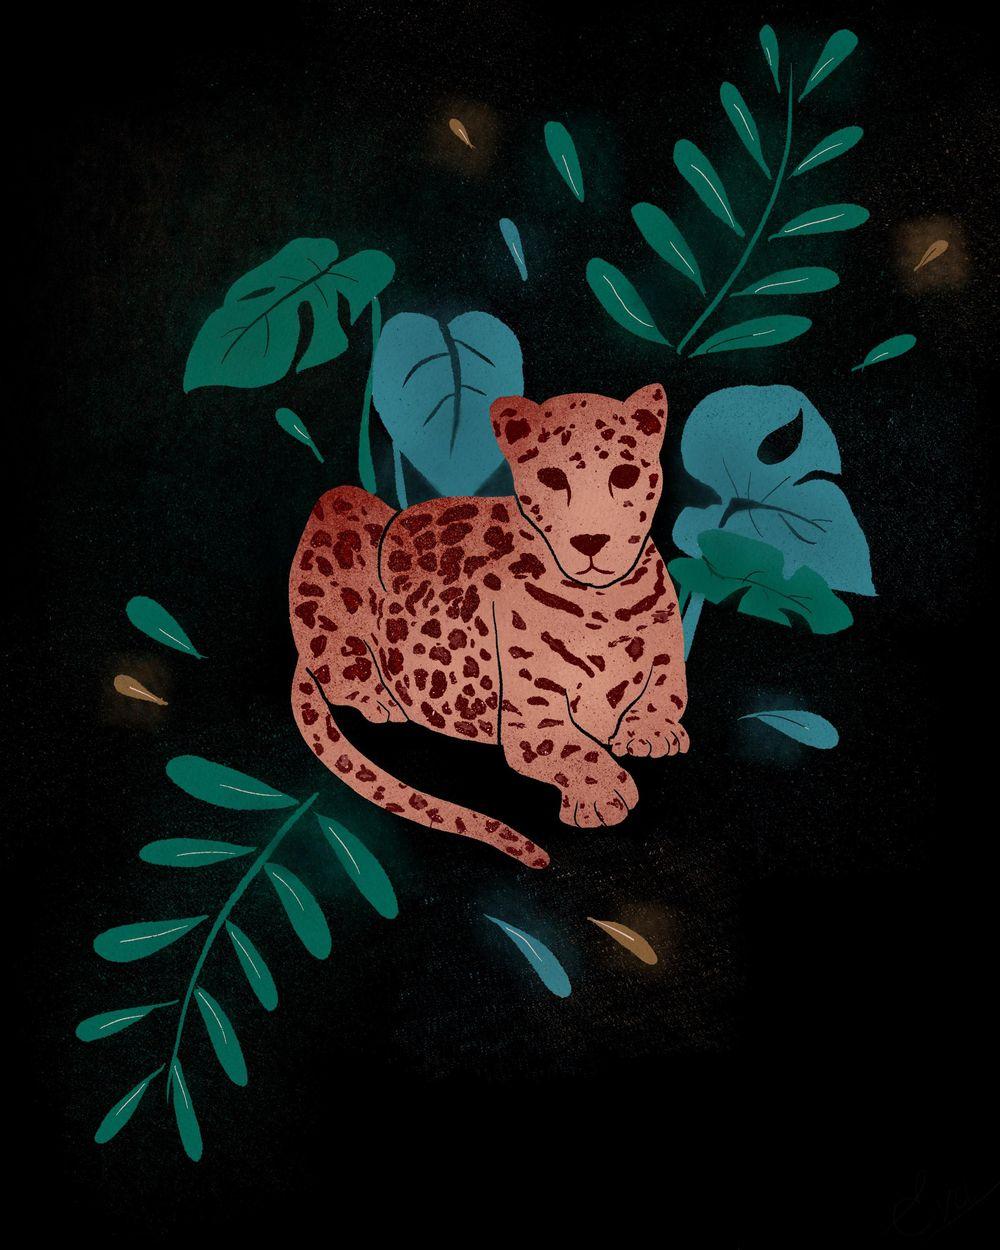 Jaguar - image 1 - student project